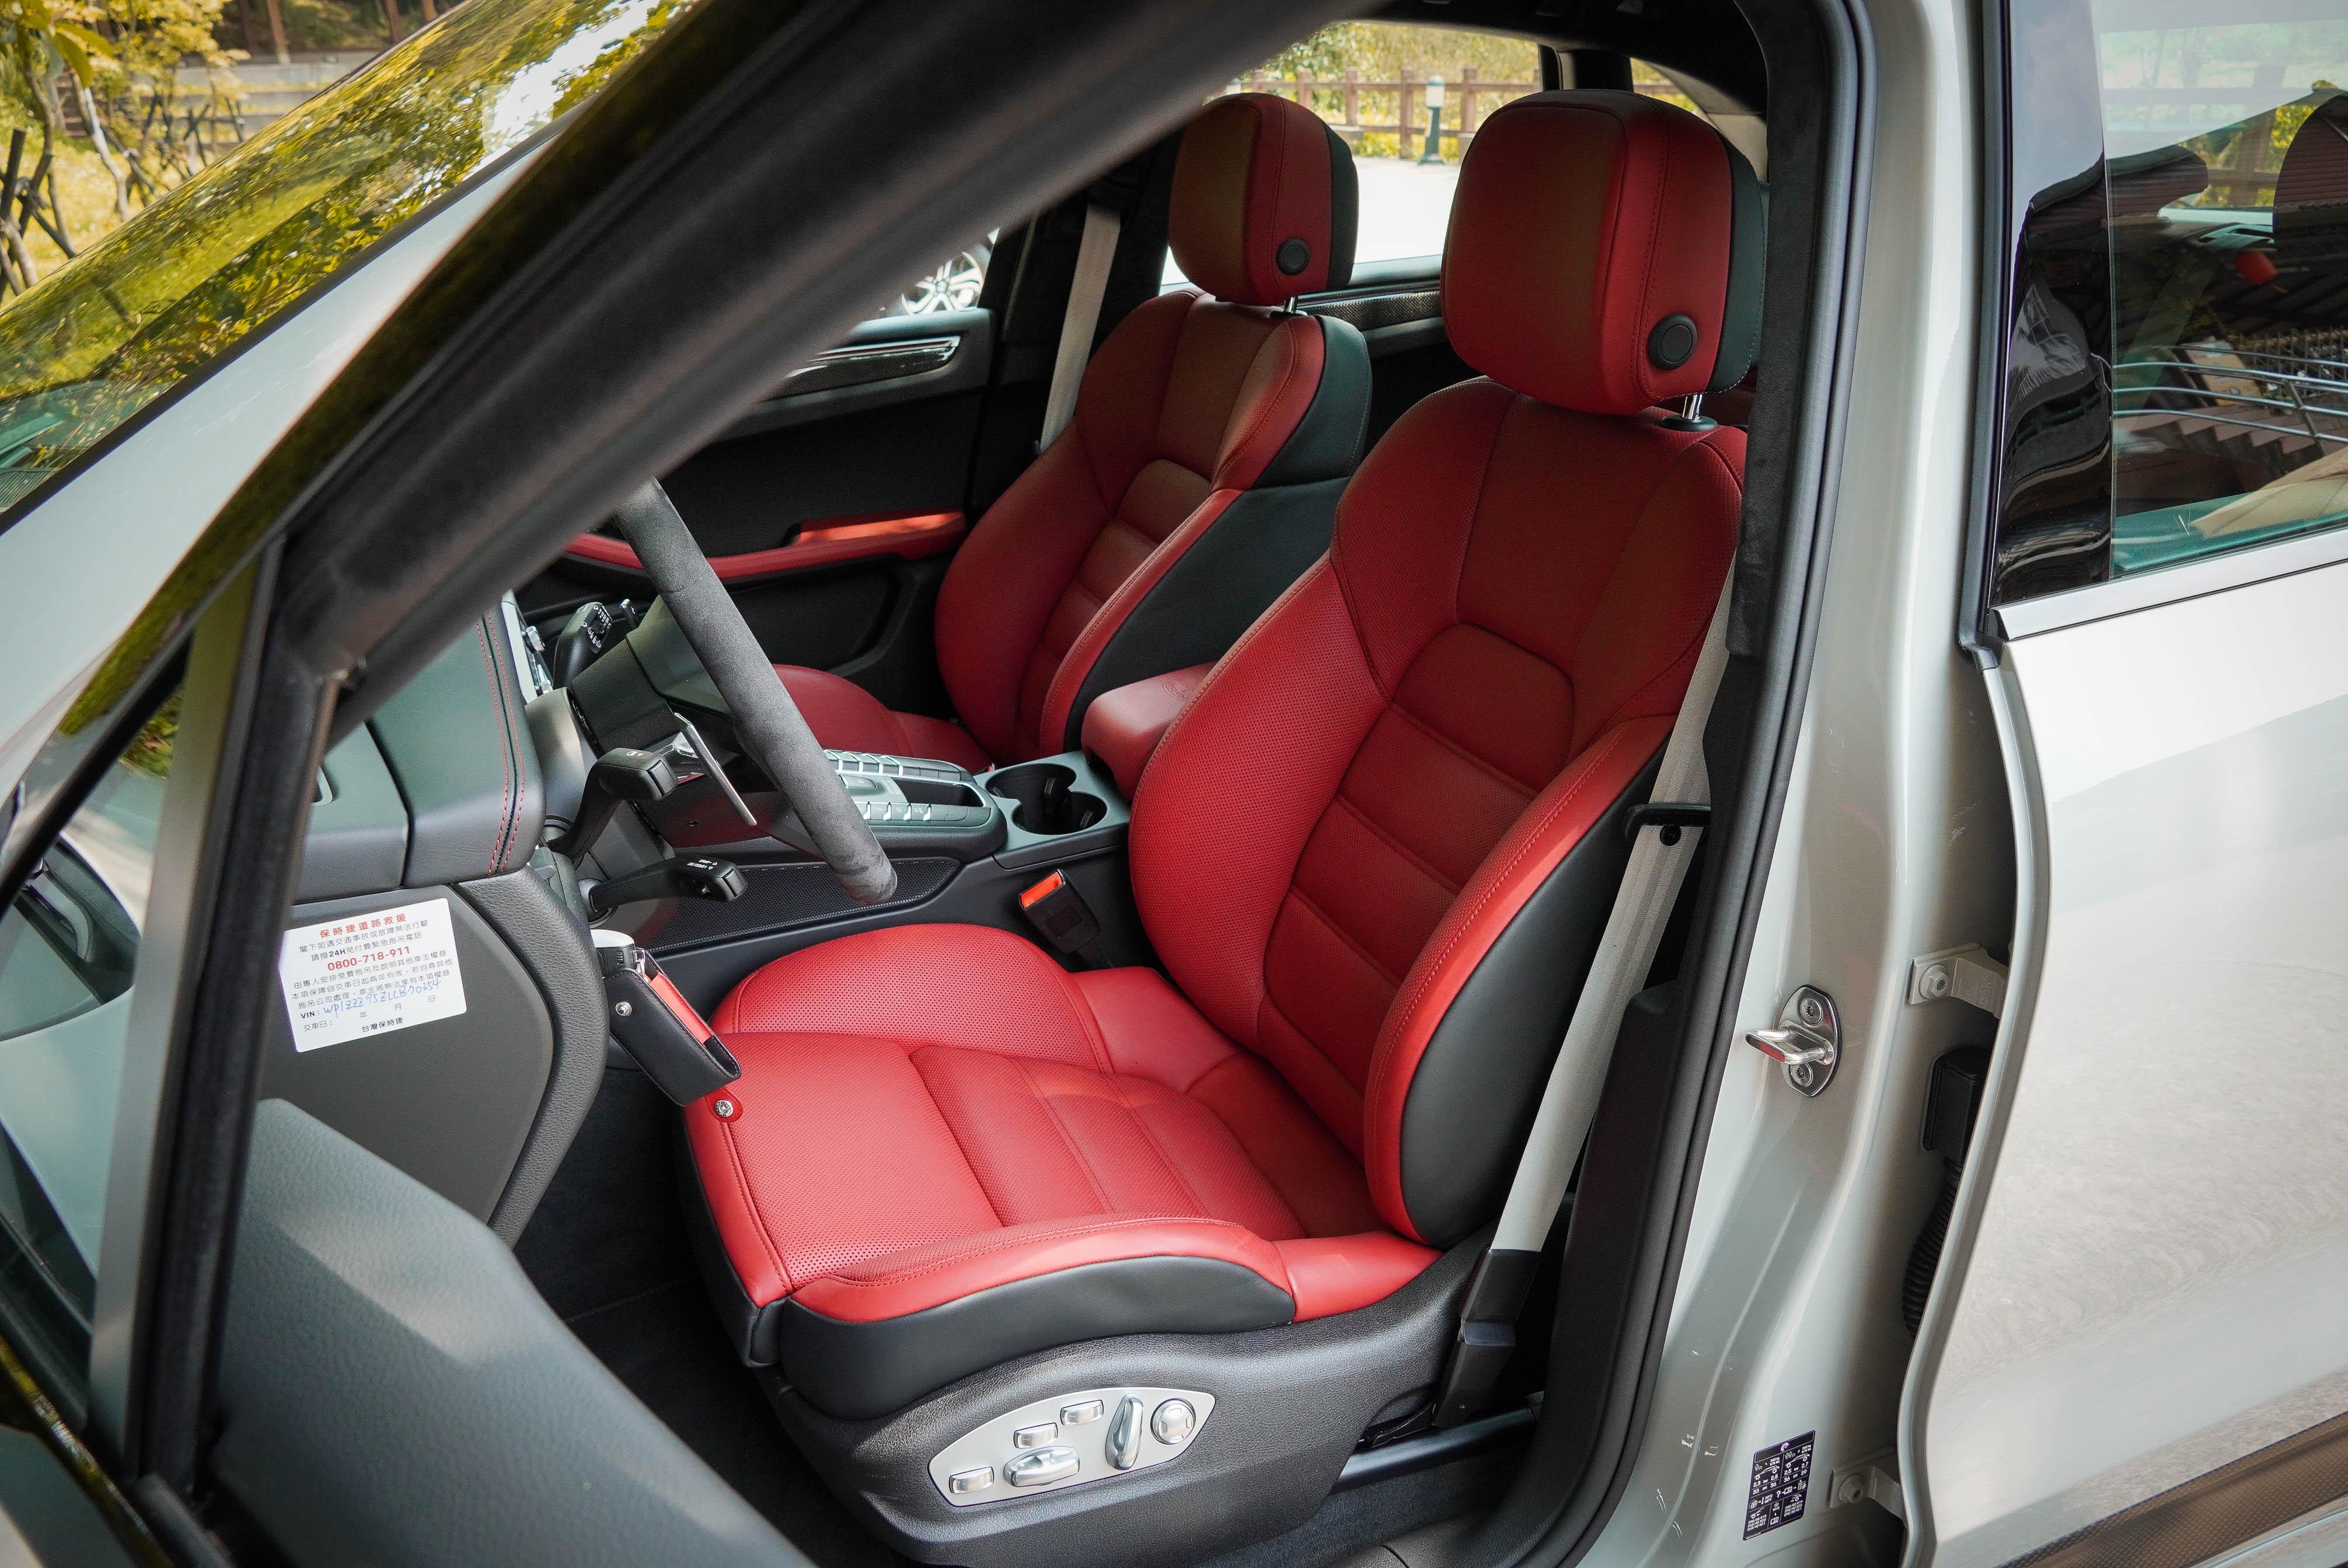 18 向電動調整跑車座椅是標準配備,試駕車另選配加熱及通風功能。